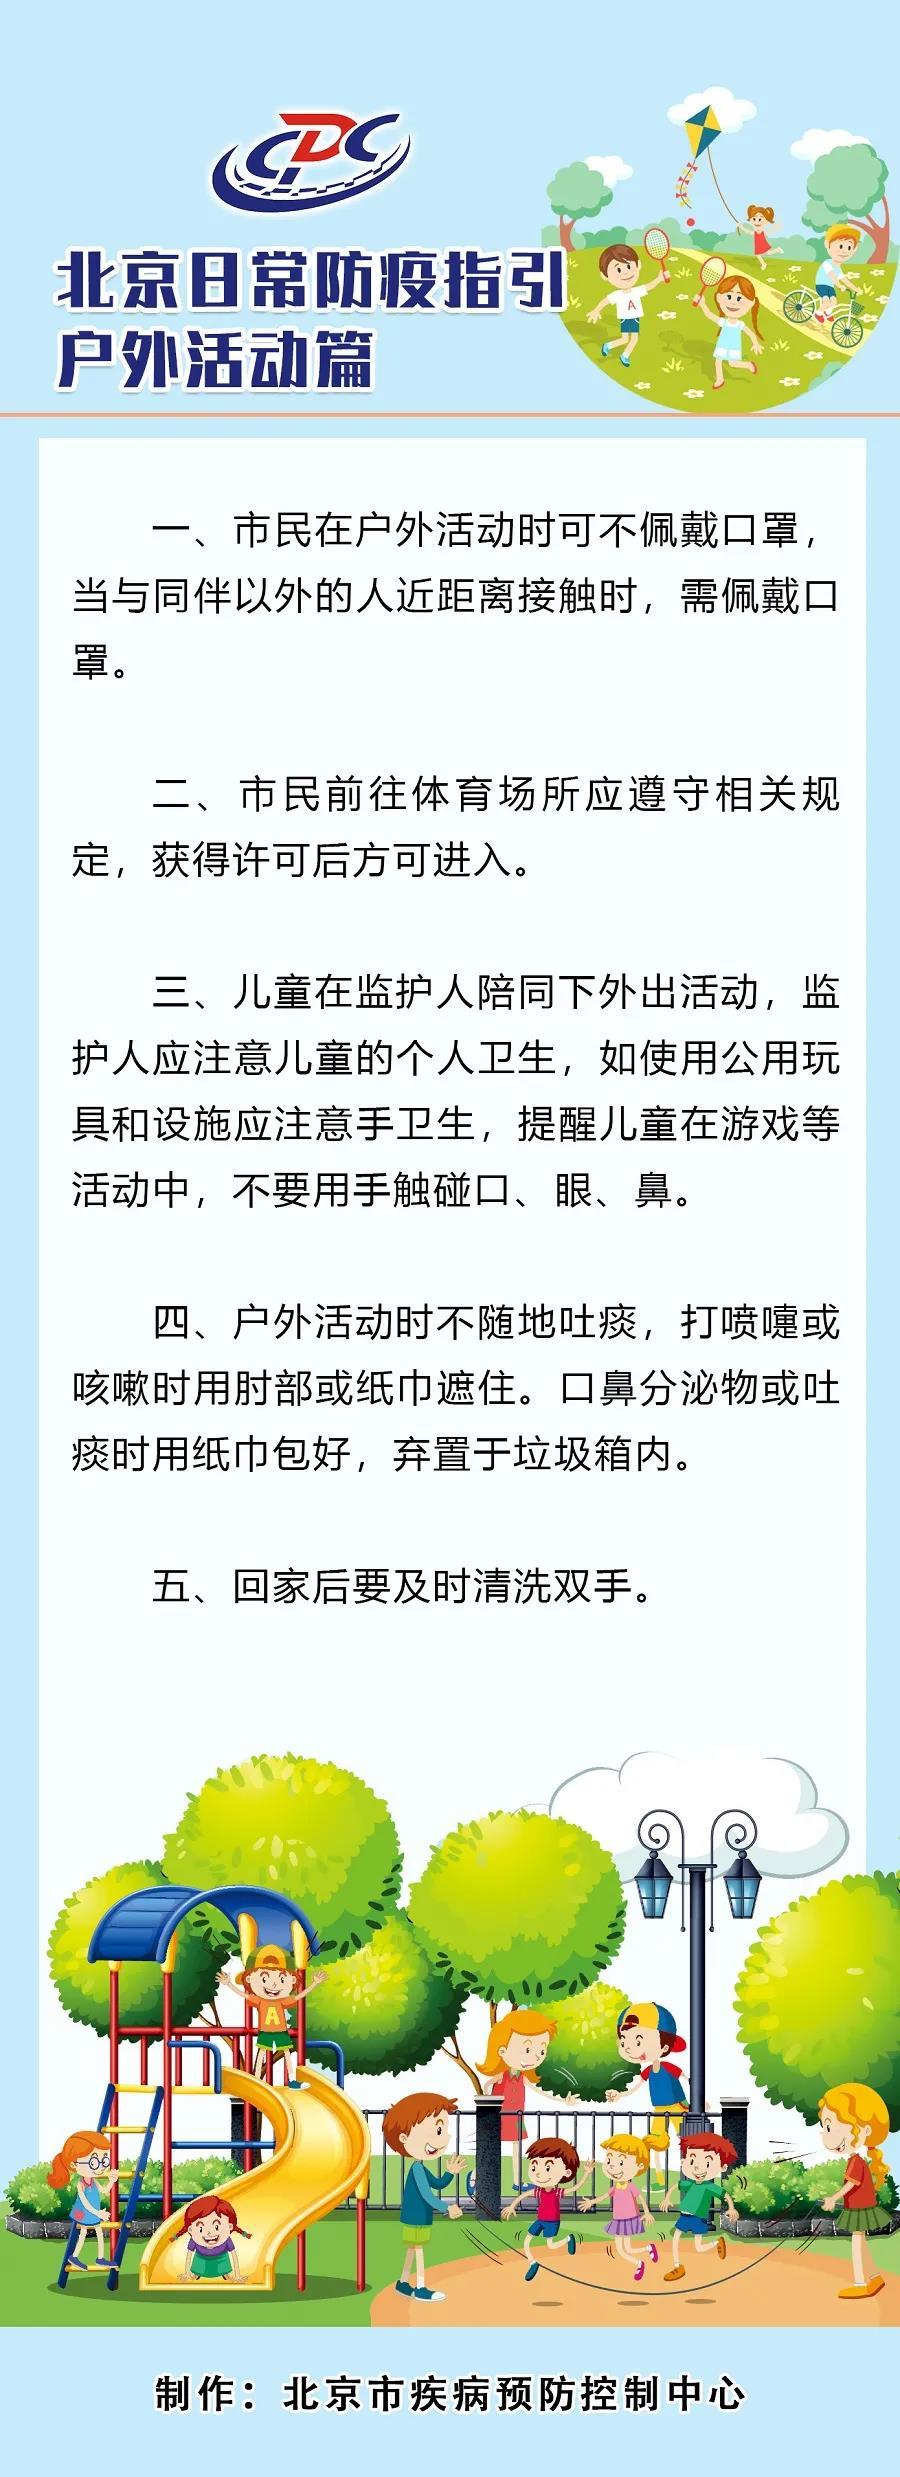 北京日常防疫指引——户外活动篇图片